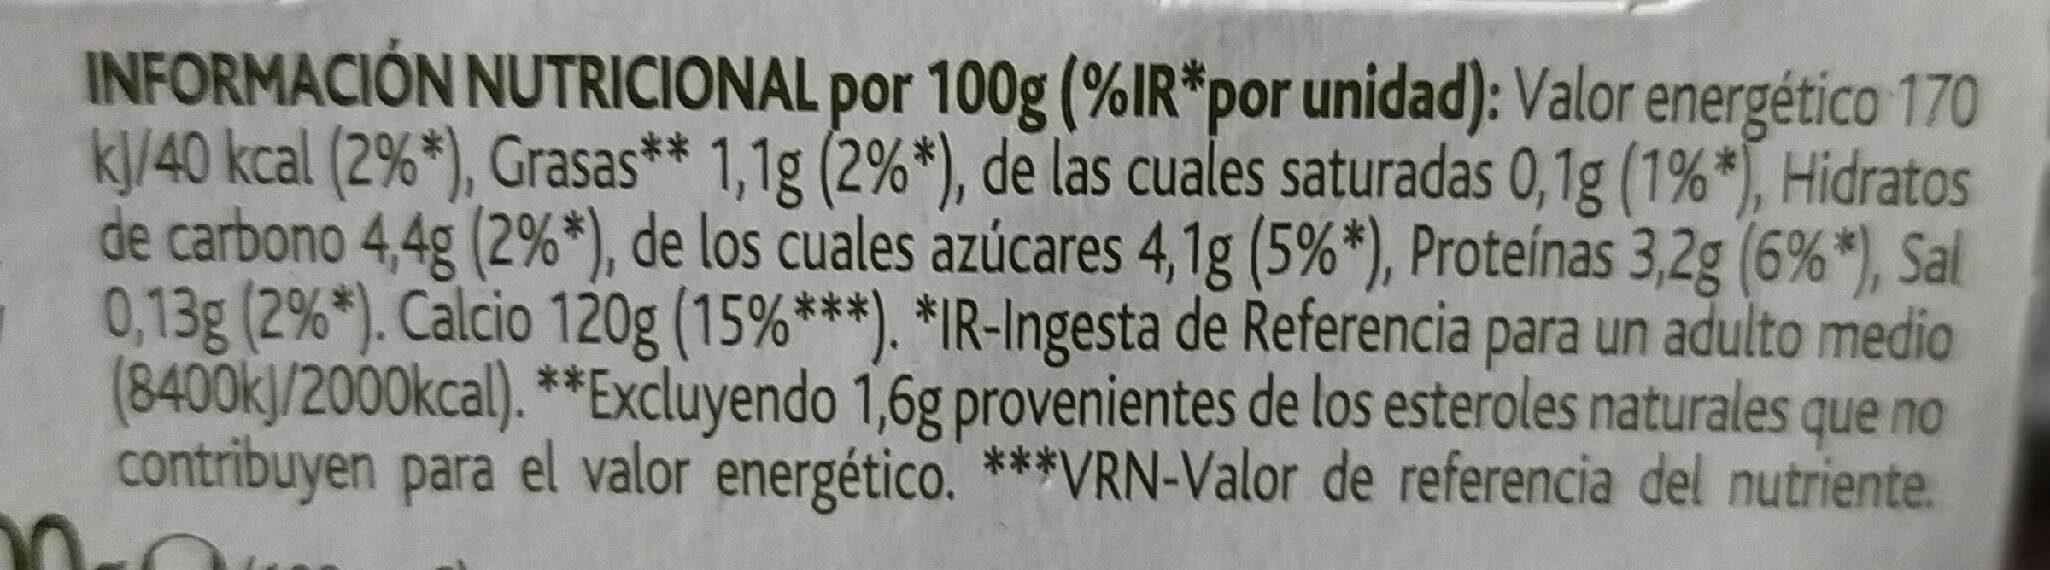 Danacol Natural - Información nutricional - es